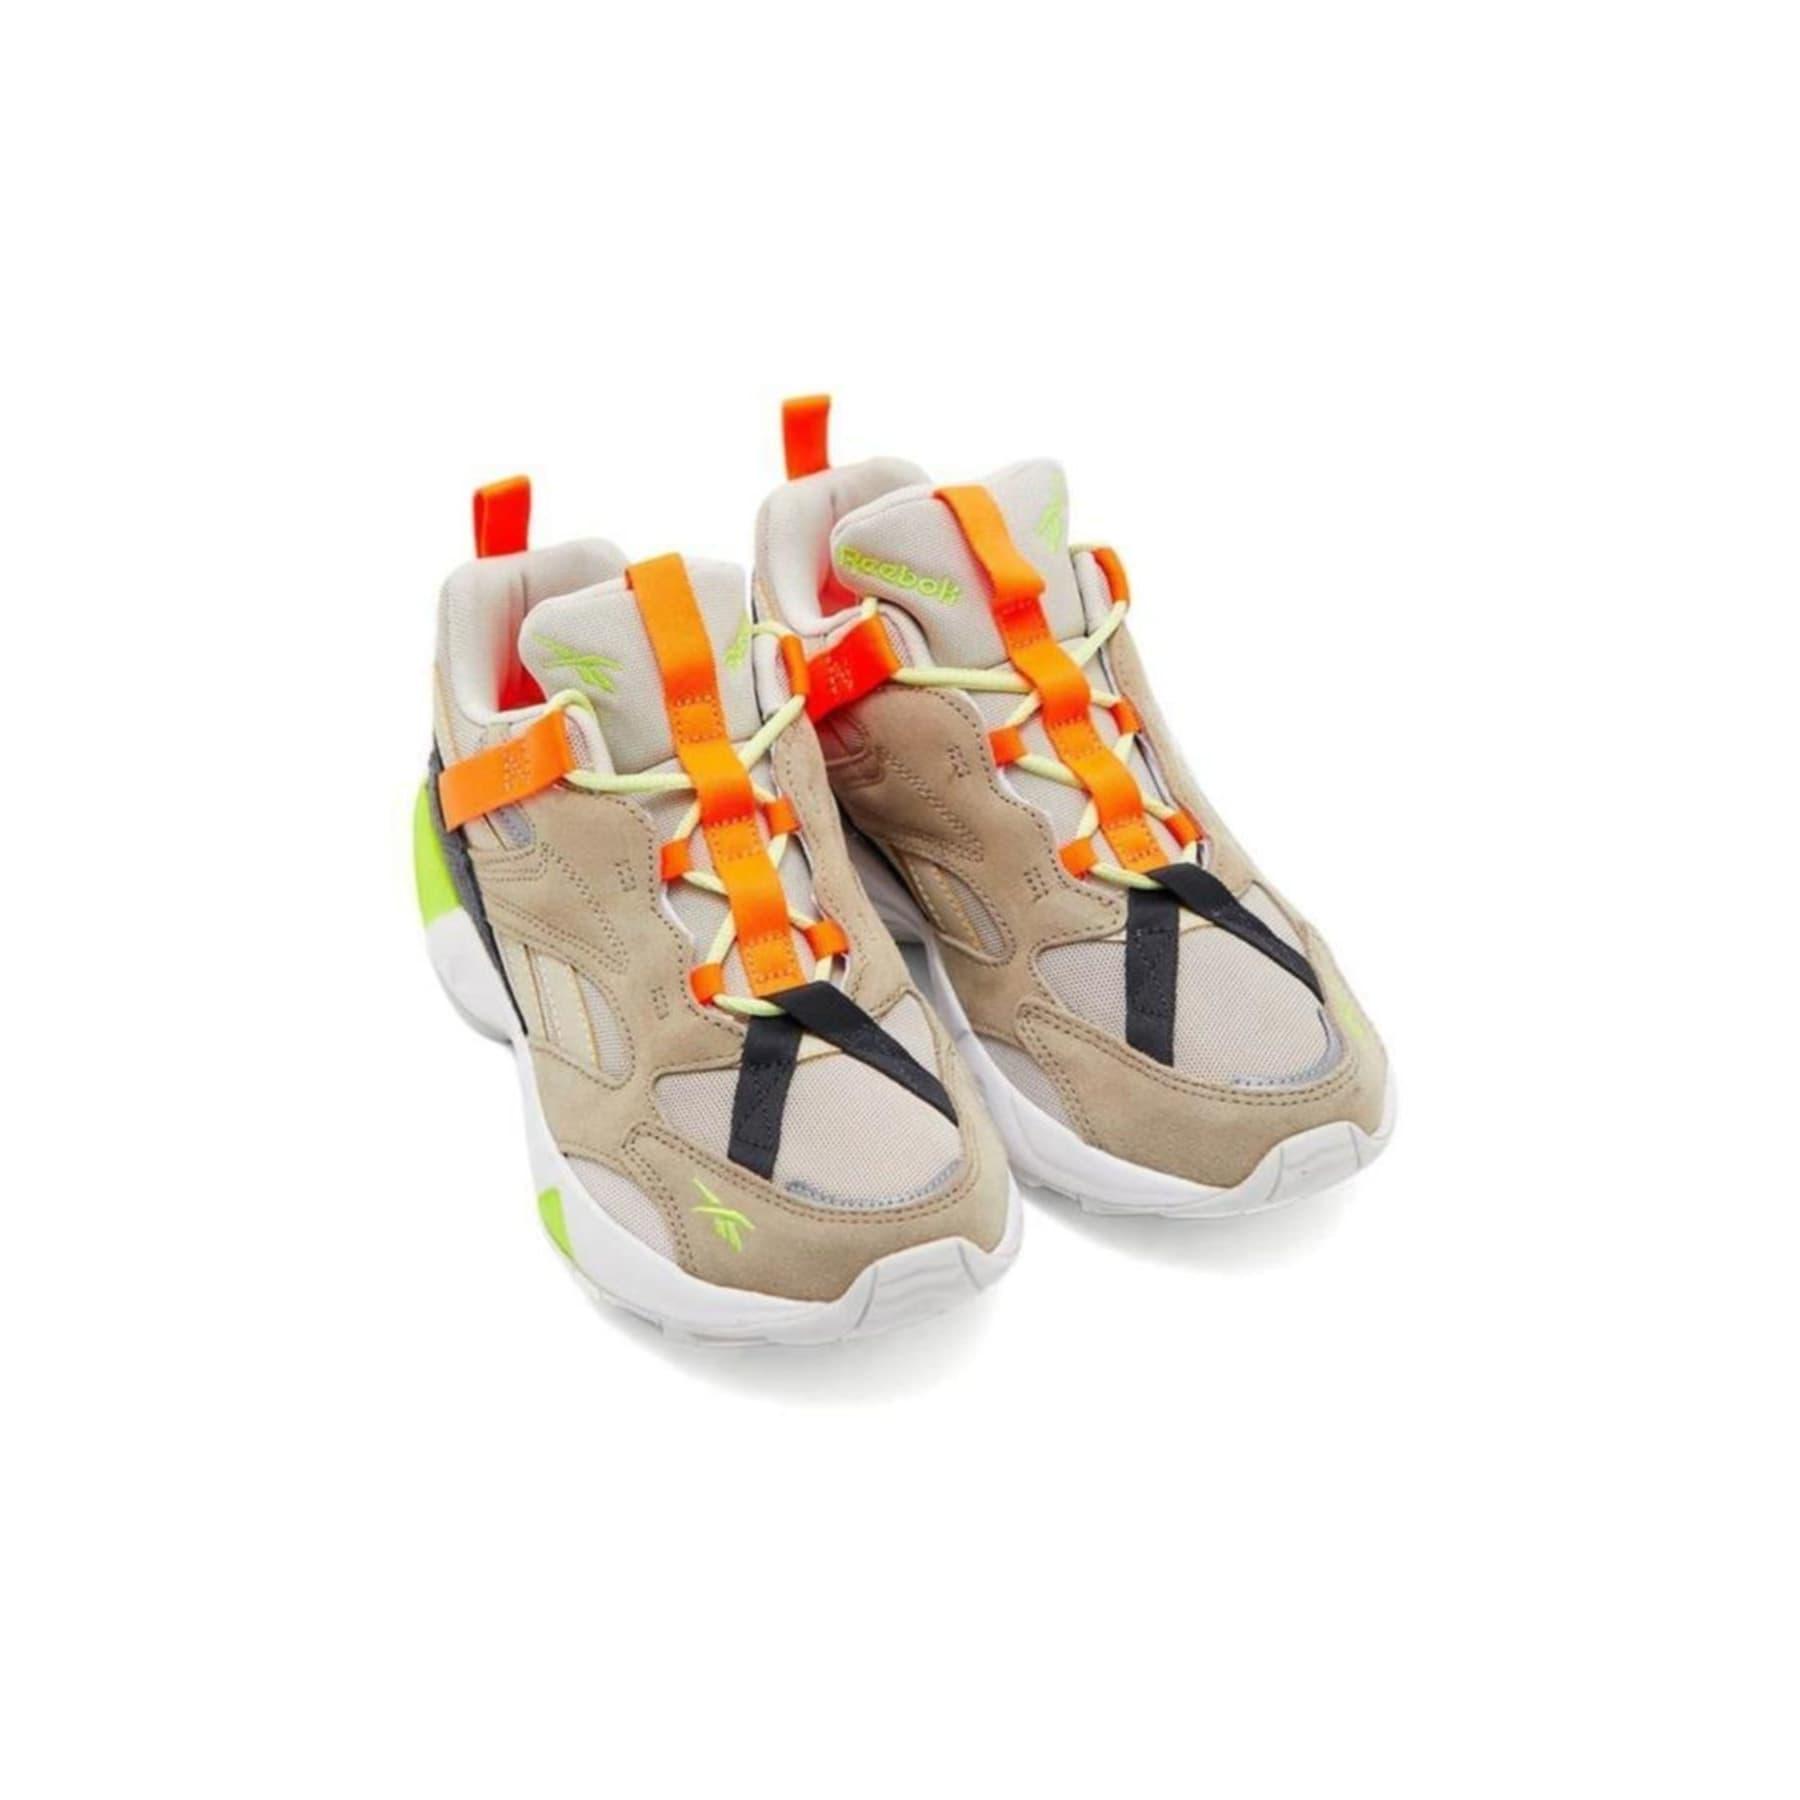 Aztrek 96 Adventure Kadın Spor Ayakkabı